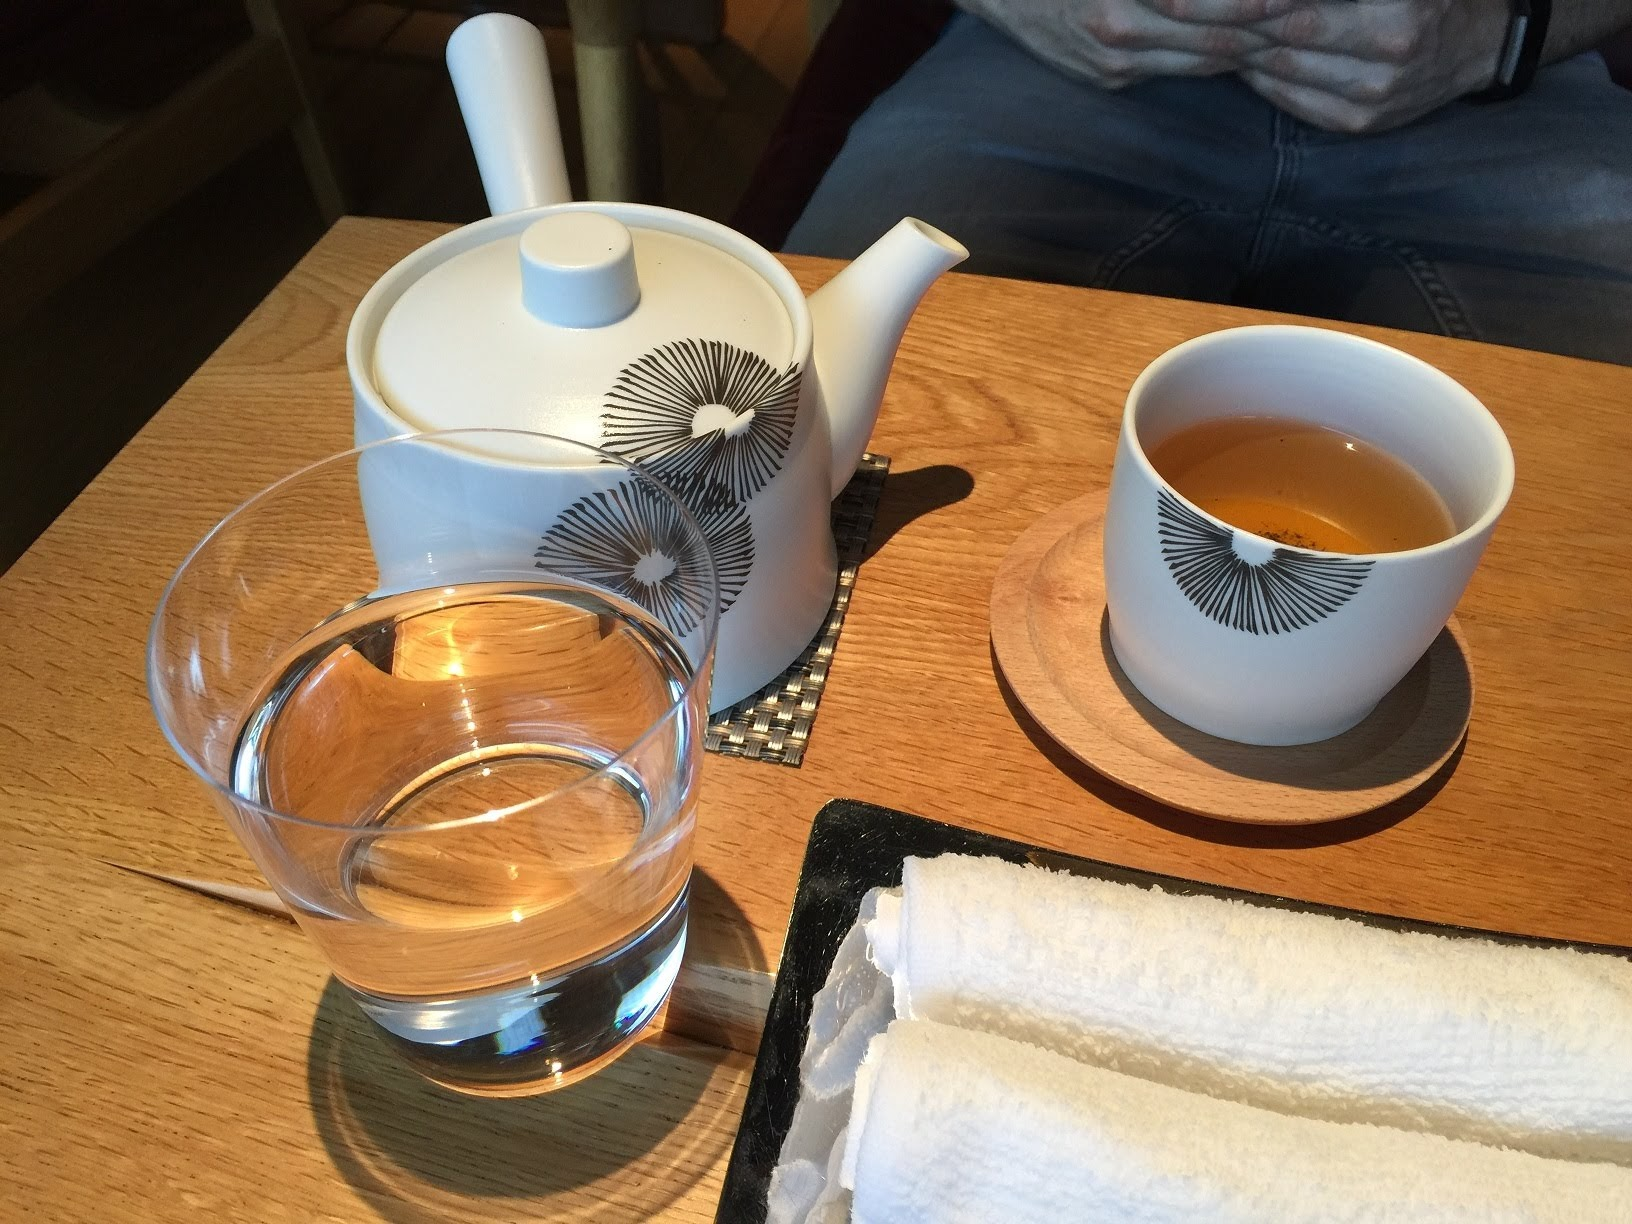 Food at Patisserie Gion Sakai